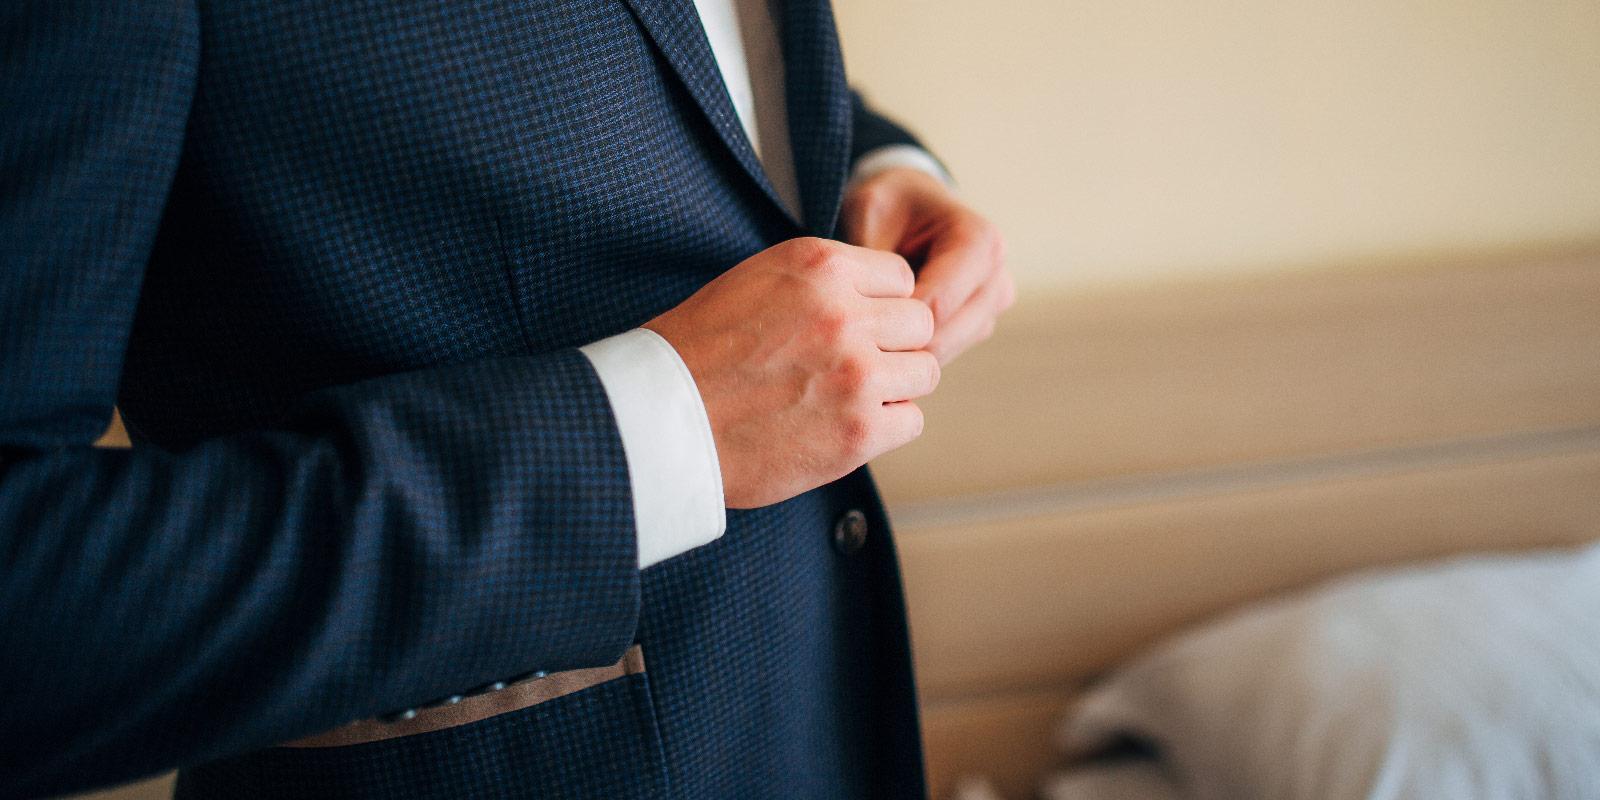 new styles 4b08a f566c Schwarzer Anzug, brauner Schuh - die häufigsten Kleidungssünden